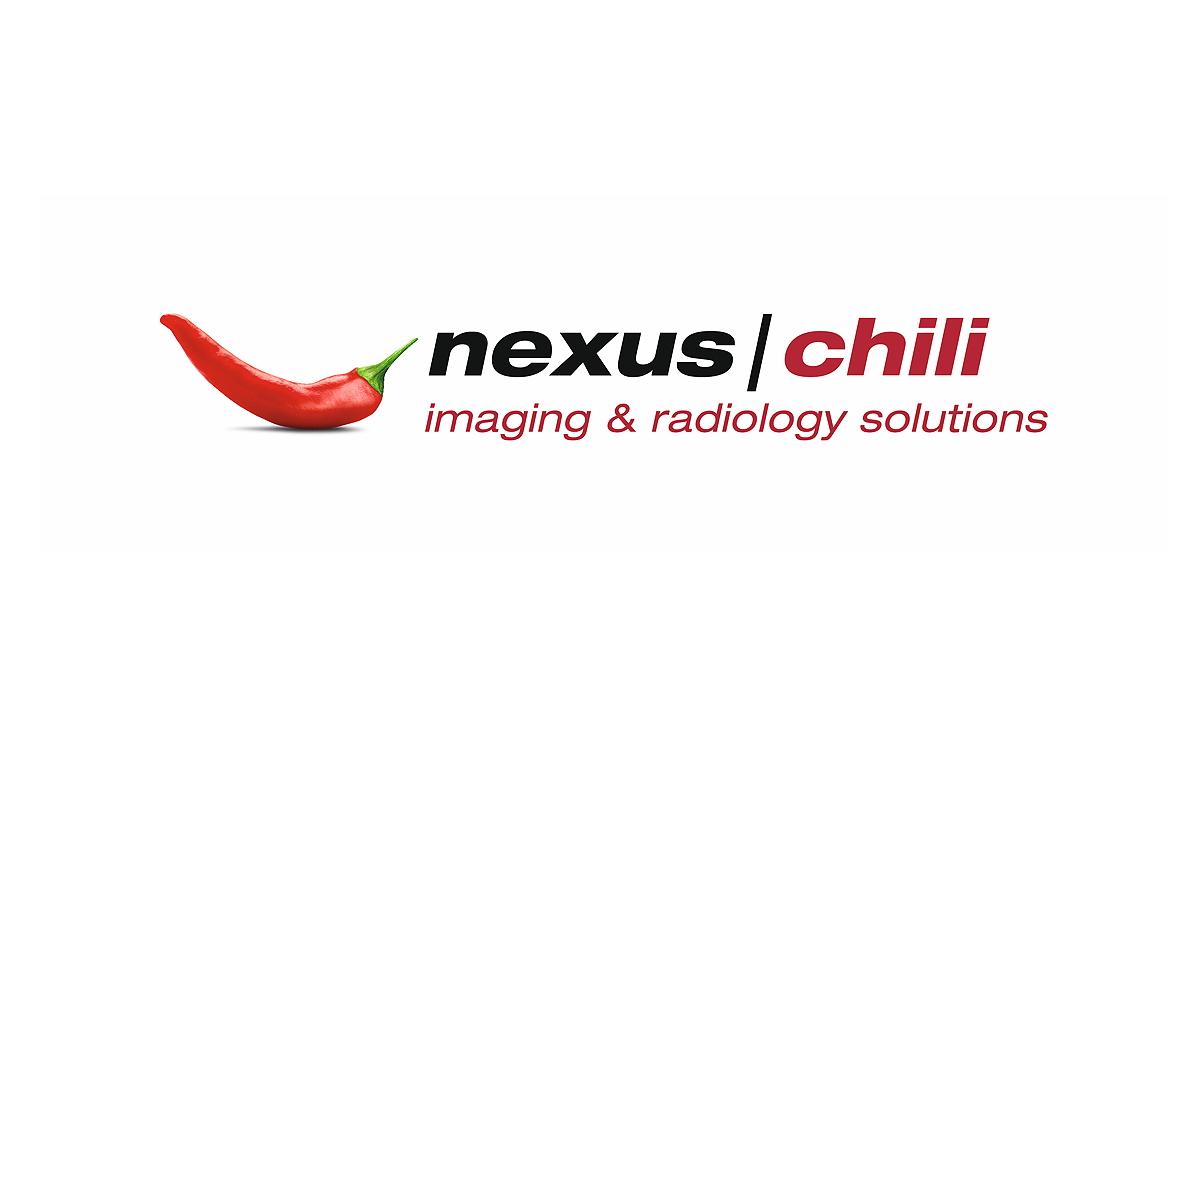 NEXUS / CHILI Eine noch stärkere Kombination